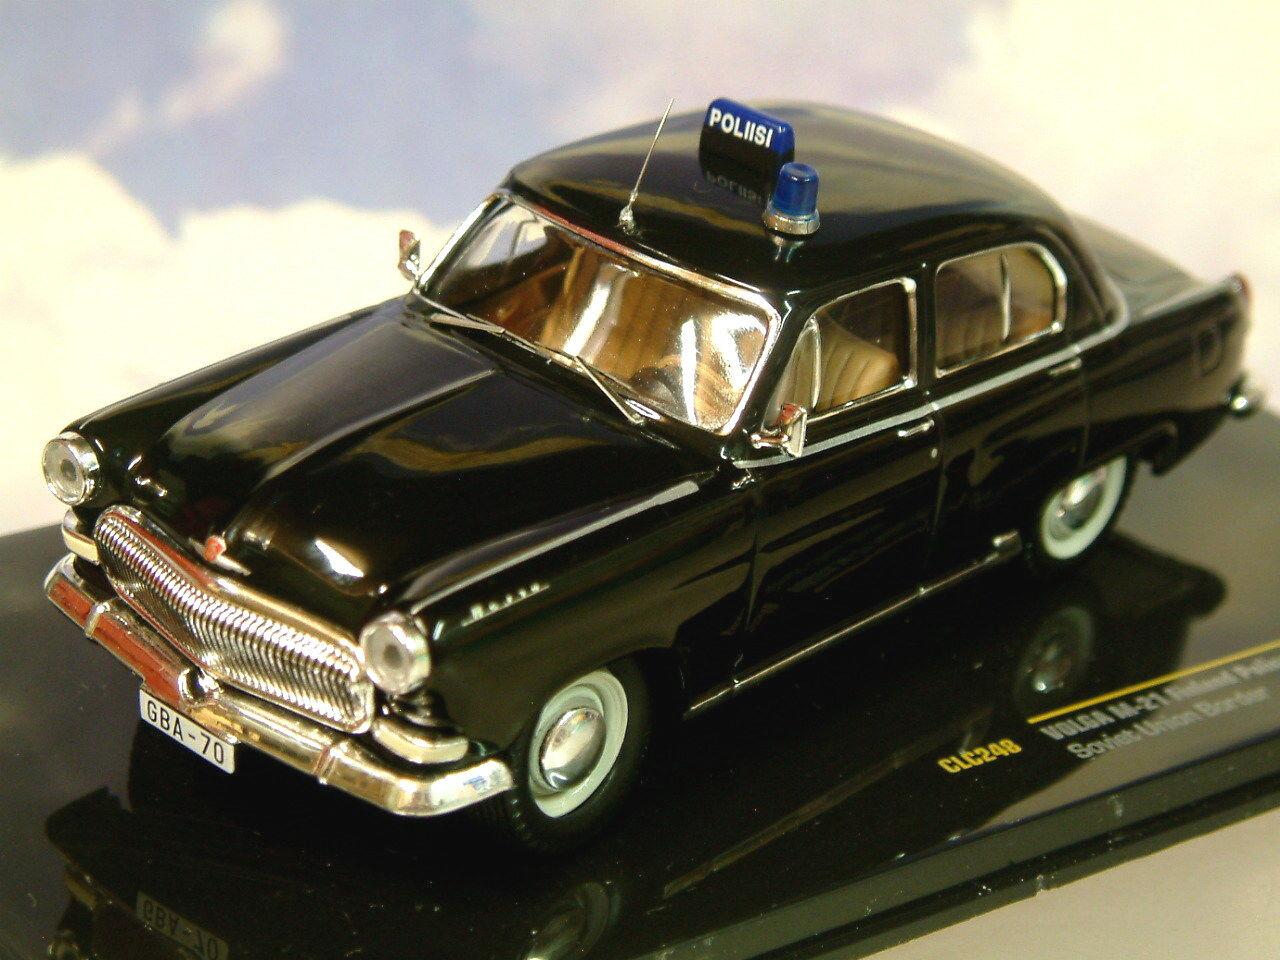 Ixo 1 43 Volga GAZ M21 M-21 Finlande Police (Poliisi) Union Soviétique Bordure